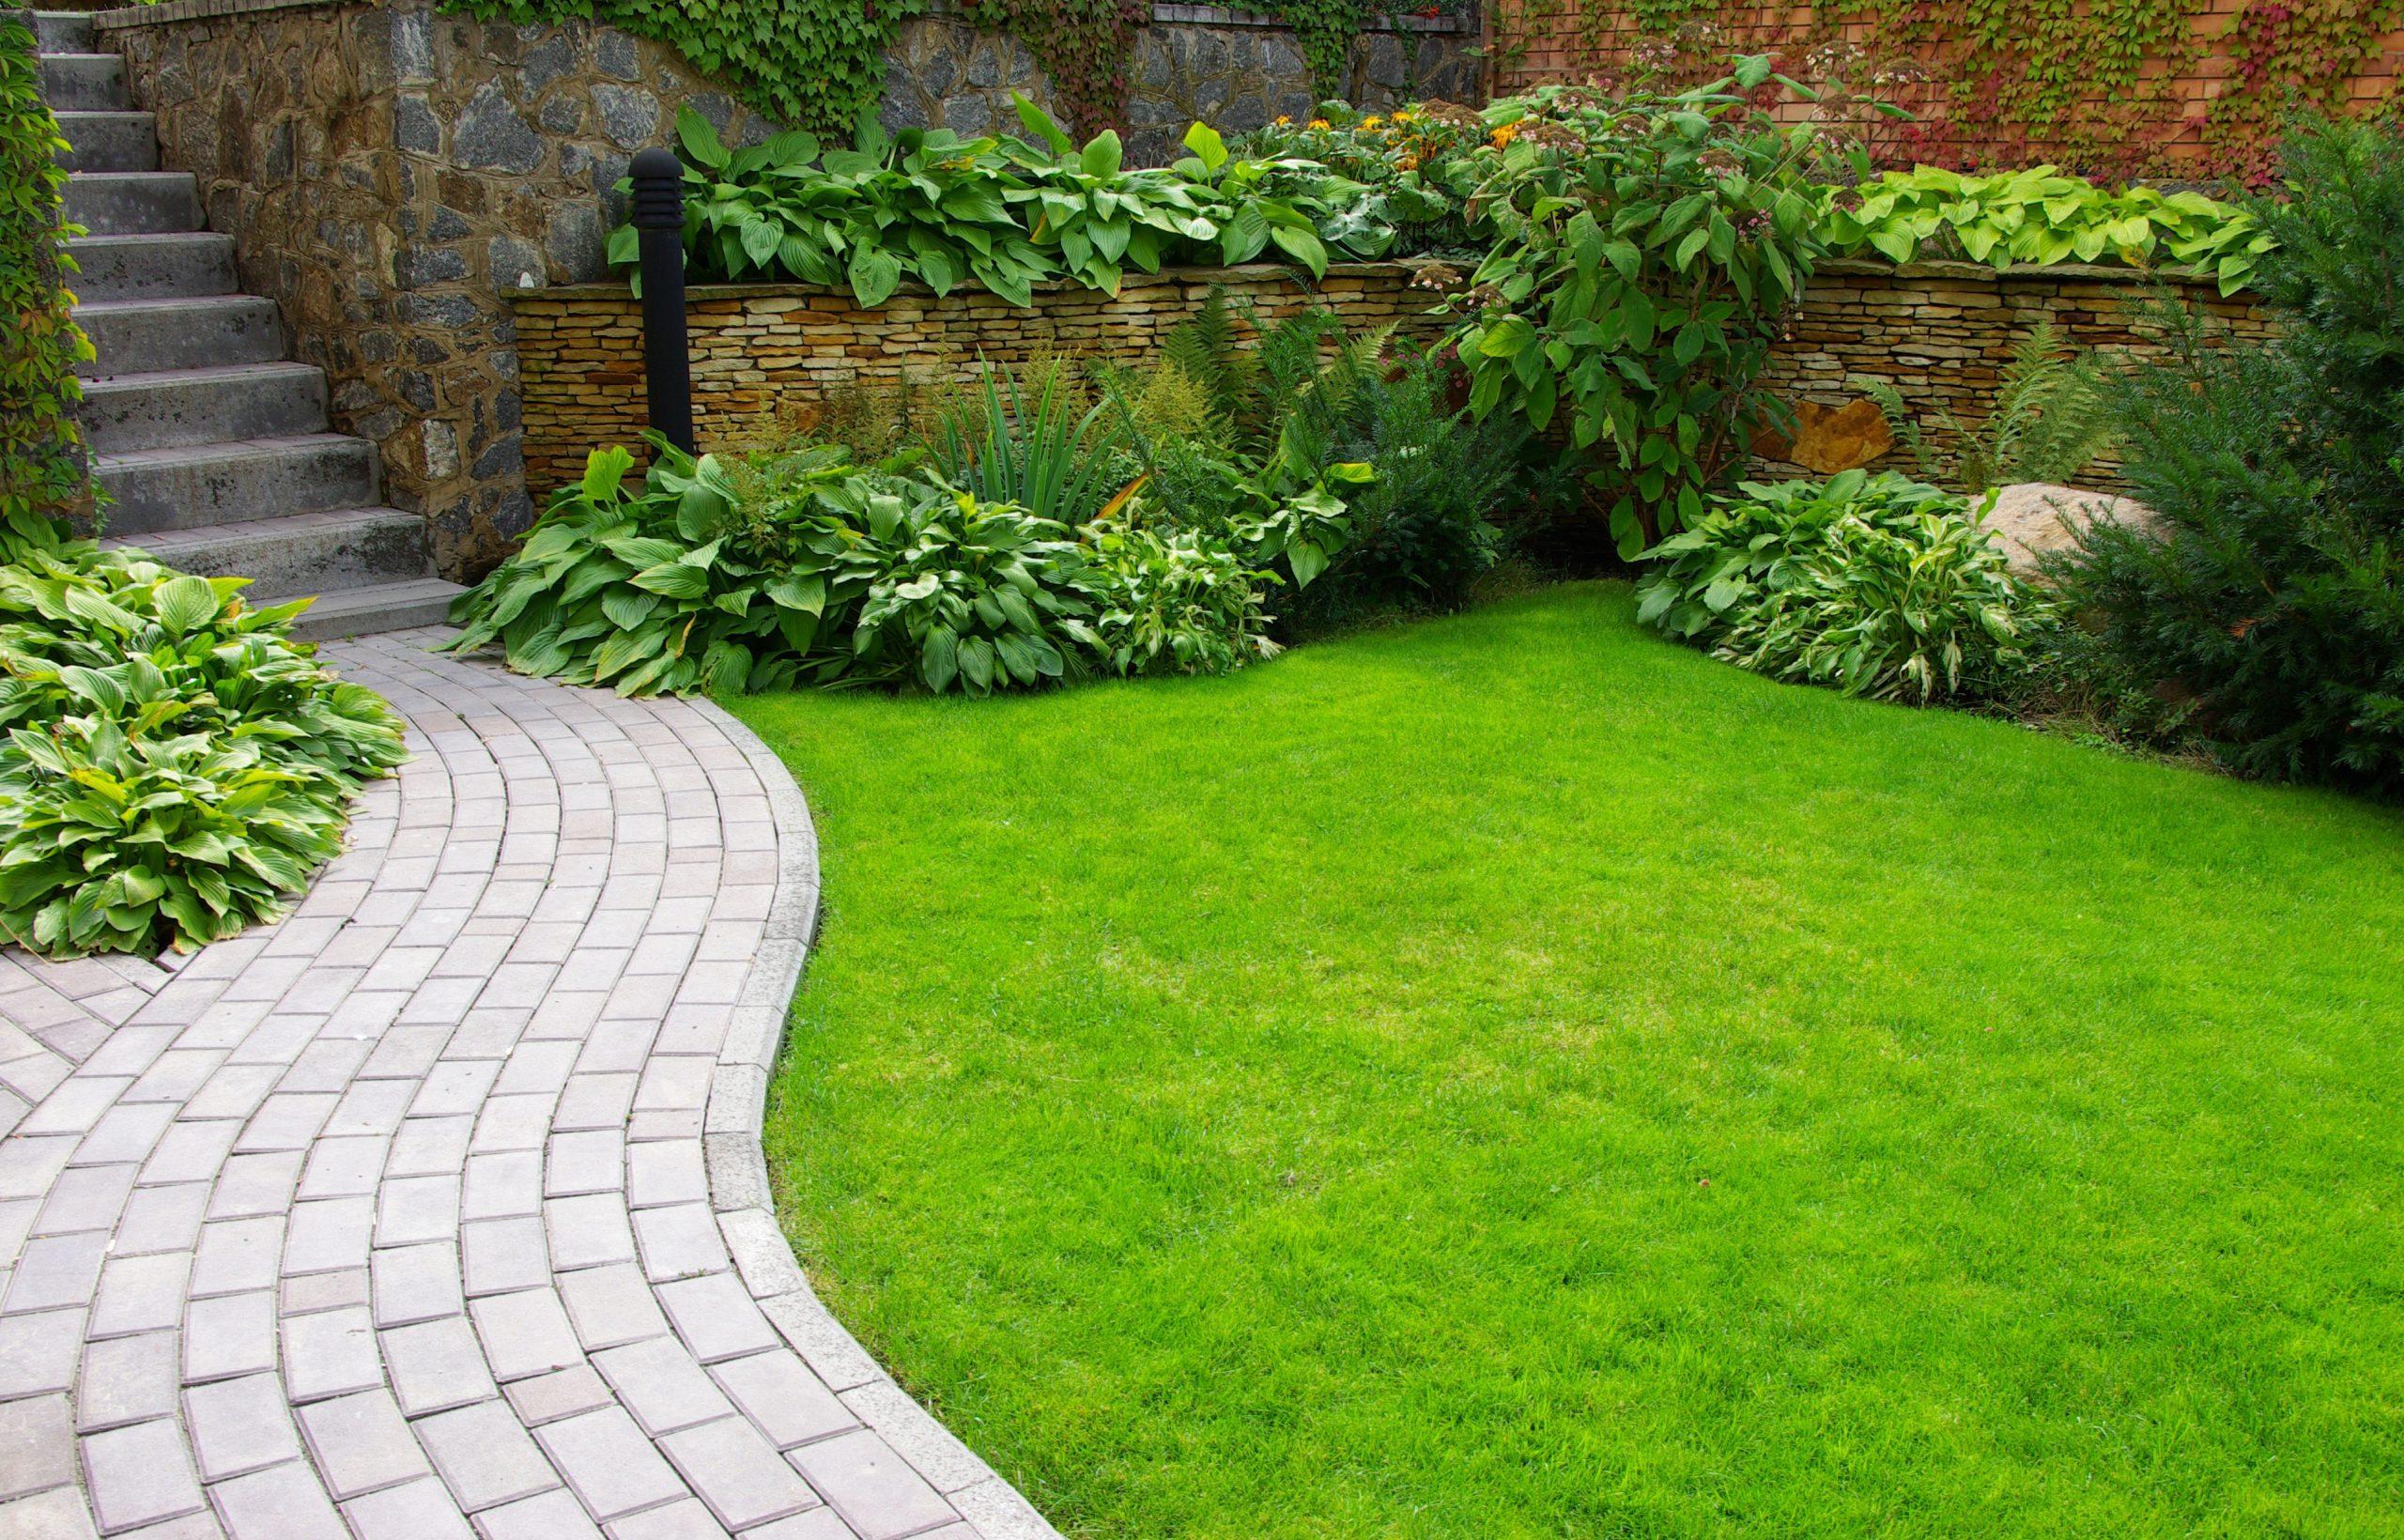 La Chaux : Quelle Utilisation Pour Mon Jardin ? - M6 Deco.fr serapportantà Chaux Pour Jardin